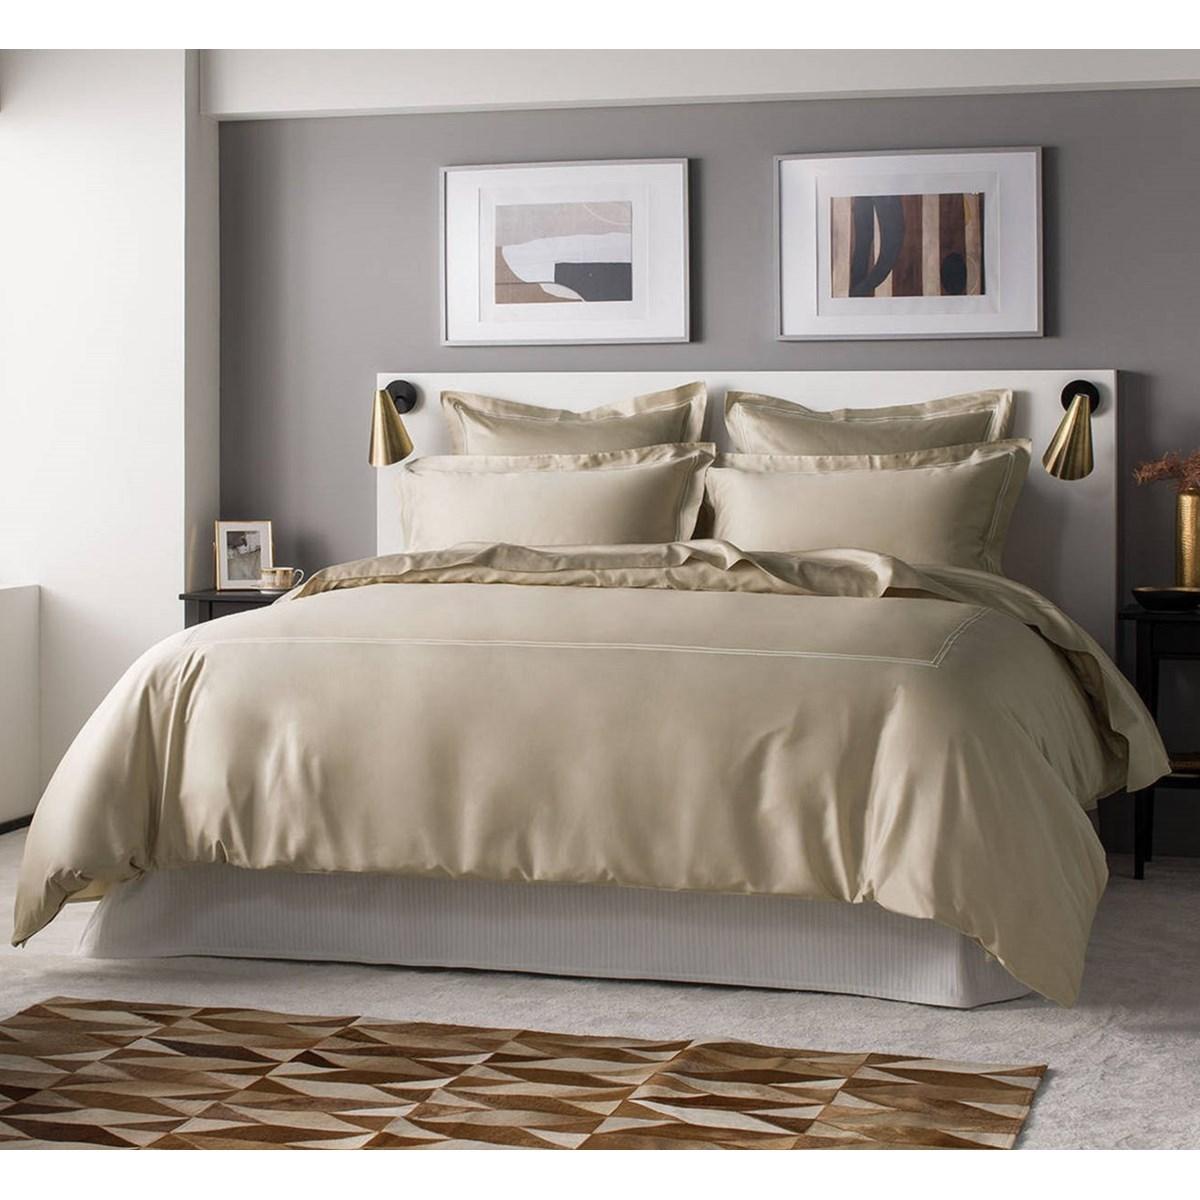 Drap plat luxe en Satin de coton Beige 270x310 cm